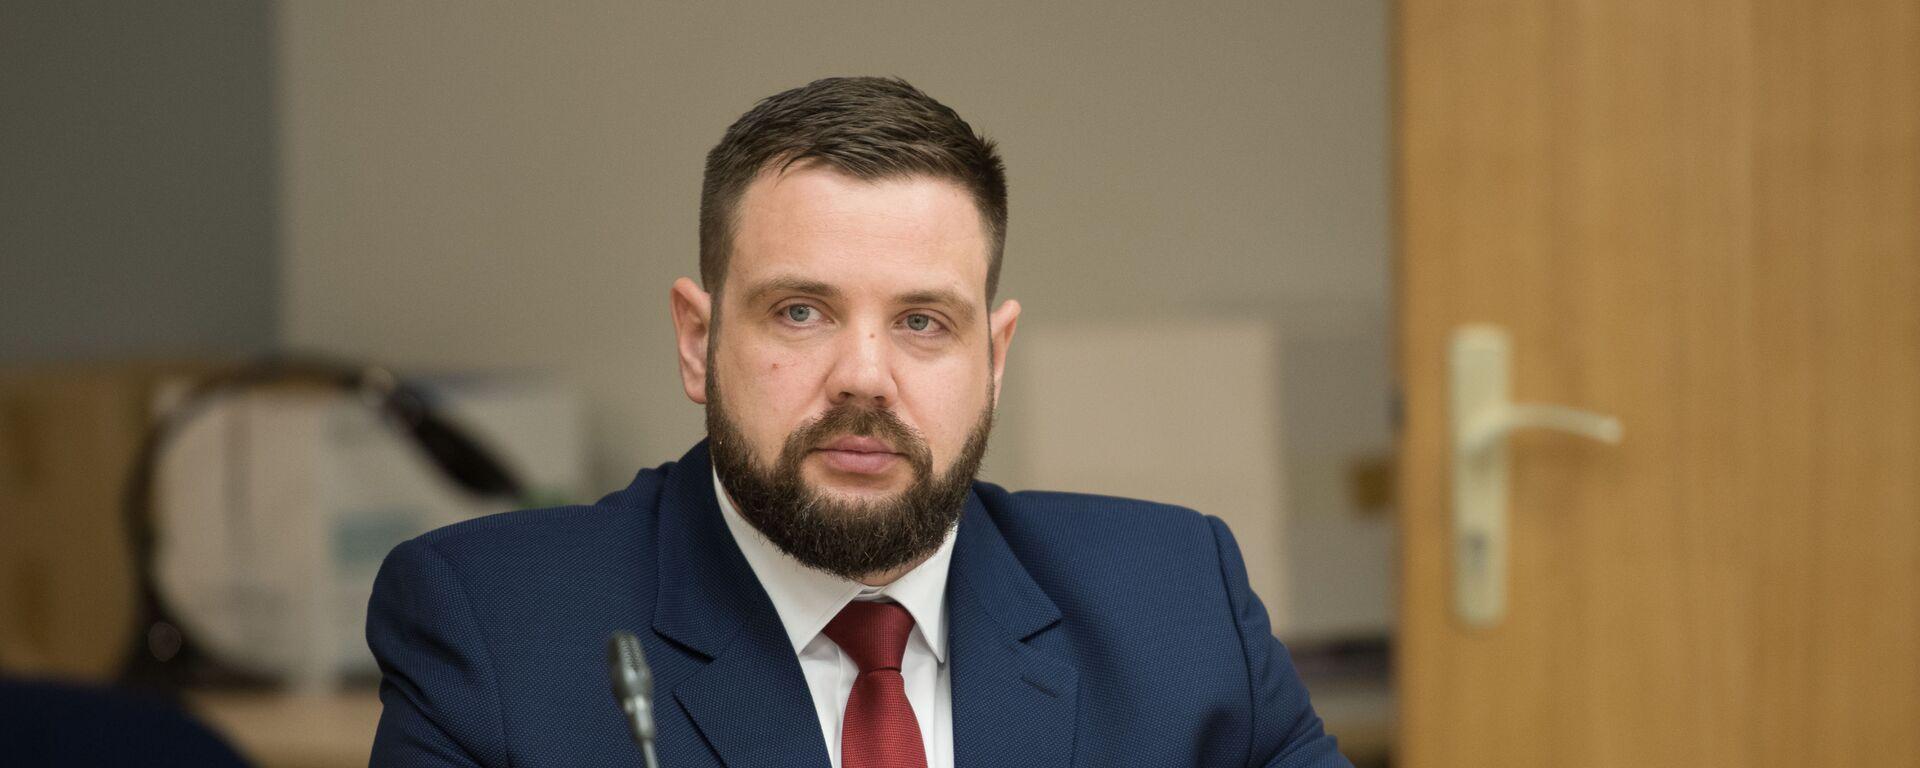 Министр экономики Янис Витенбергс - Sputnik Латвия, 1920, 08.07.2020